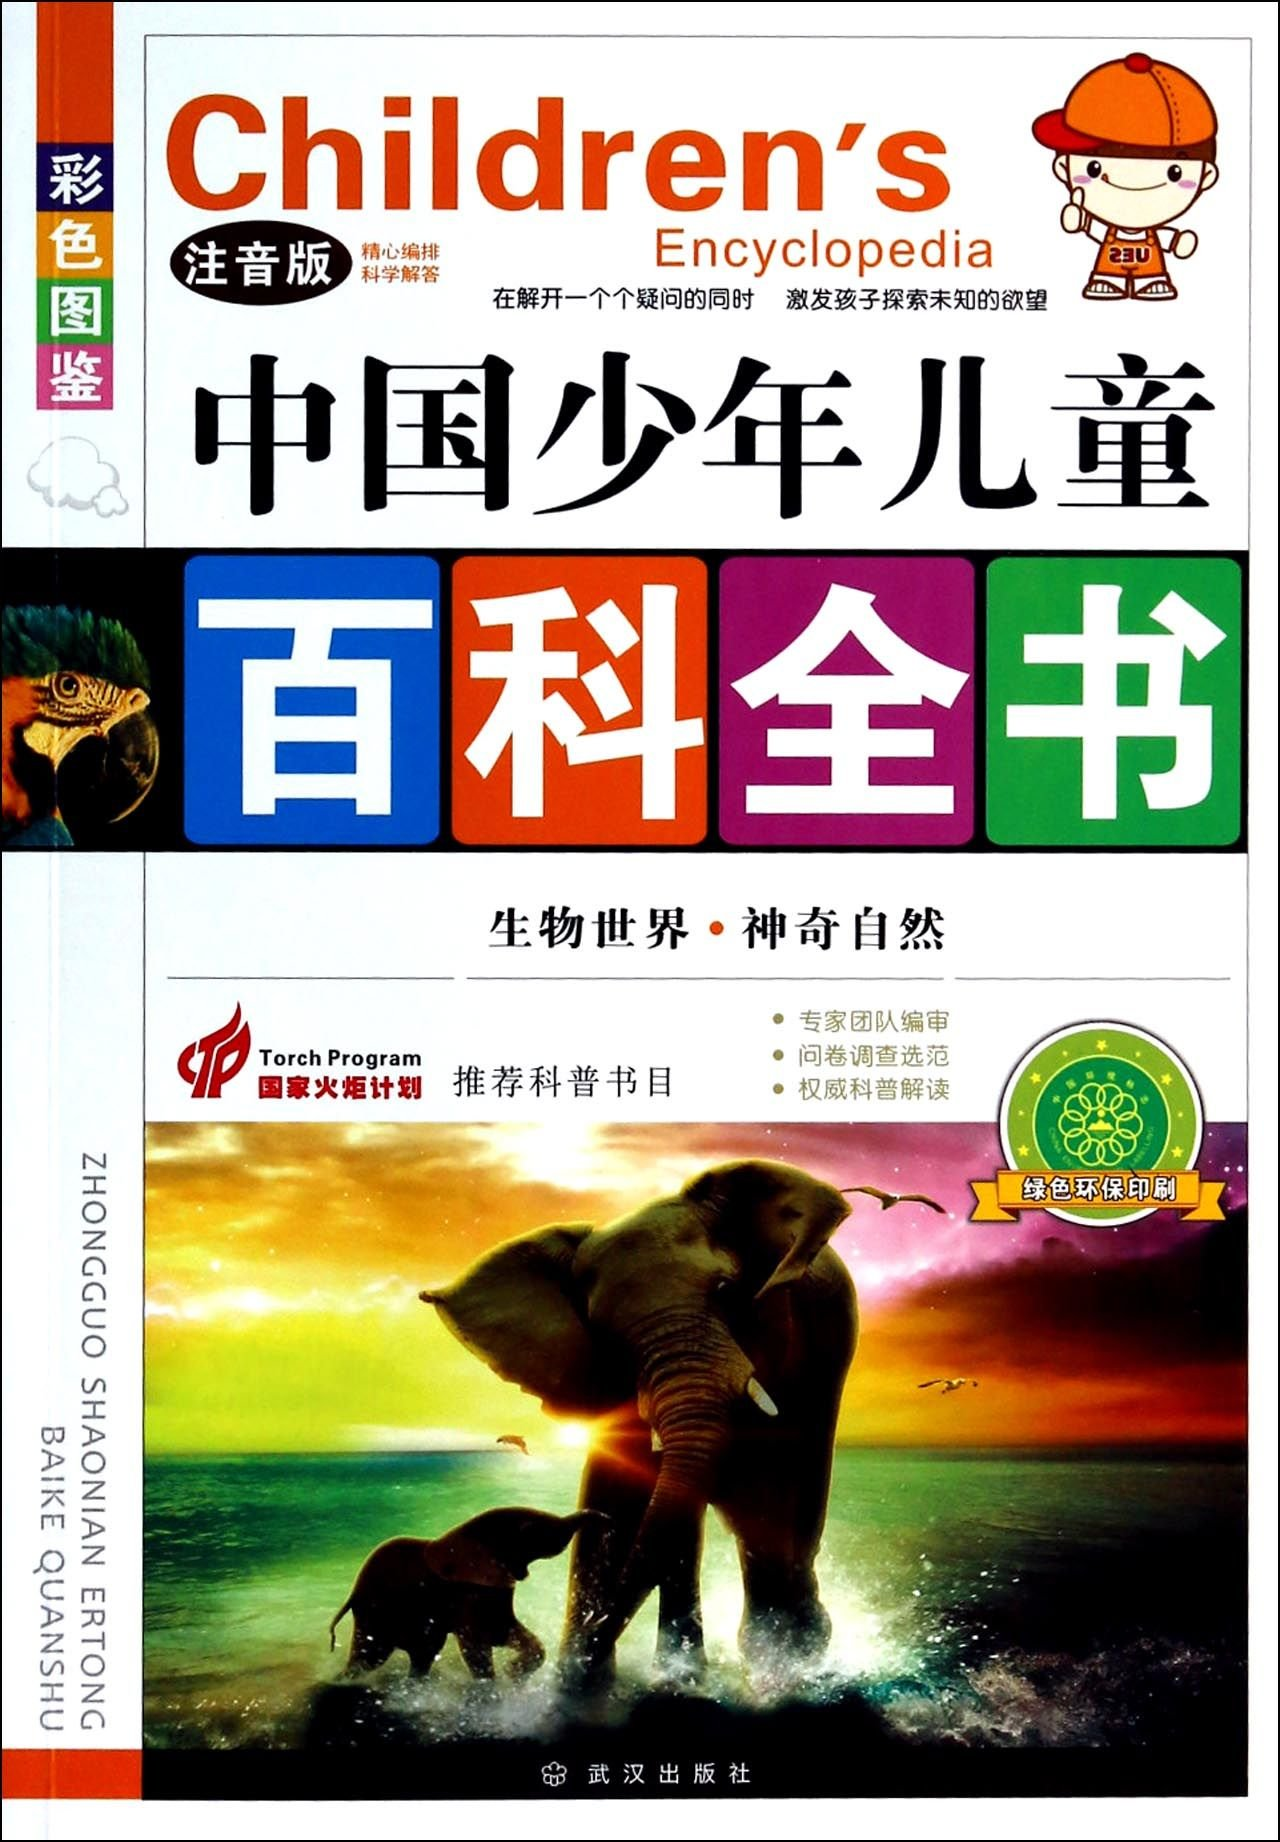 สารานุกรมจีนฉบับเยาวชน ตอนโลกของสิ่งมีชีวิตธรรมชาติอันมหัศจรรย์